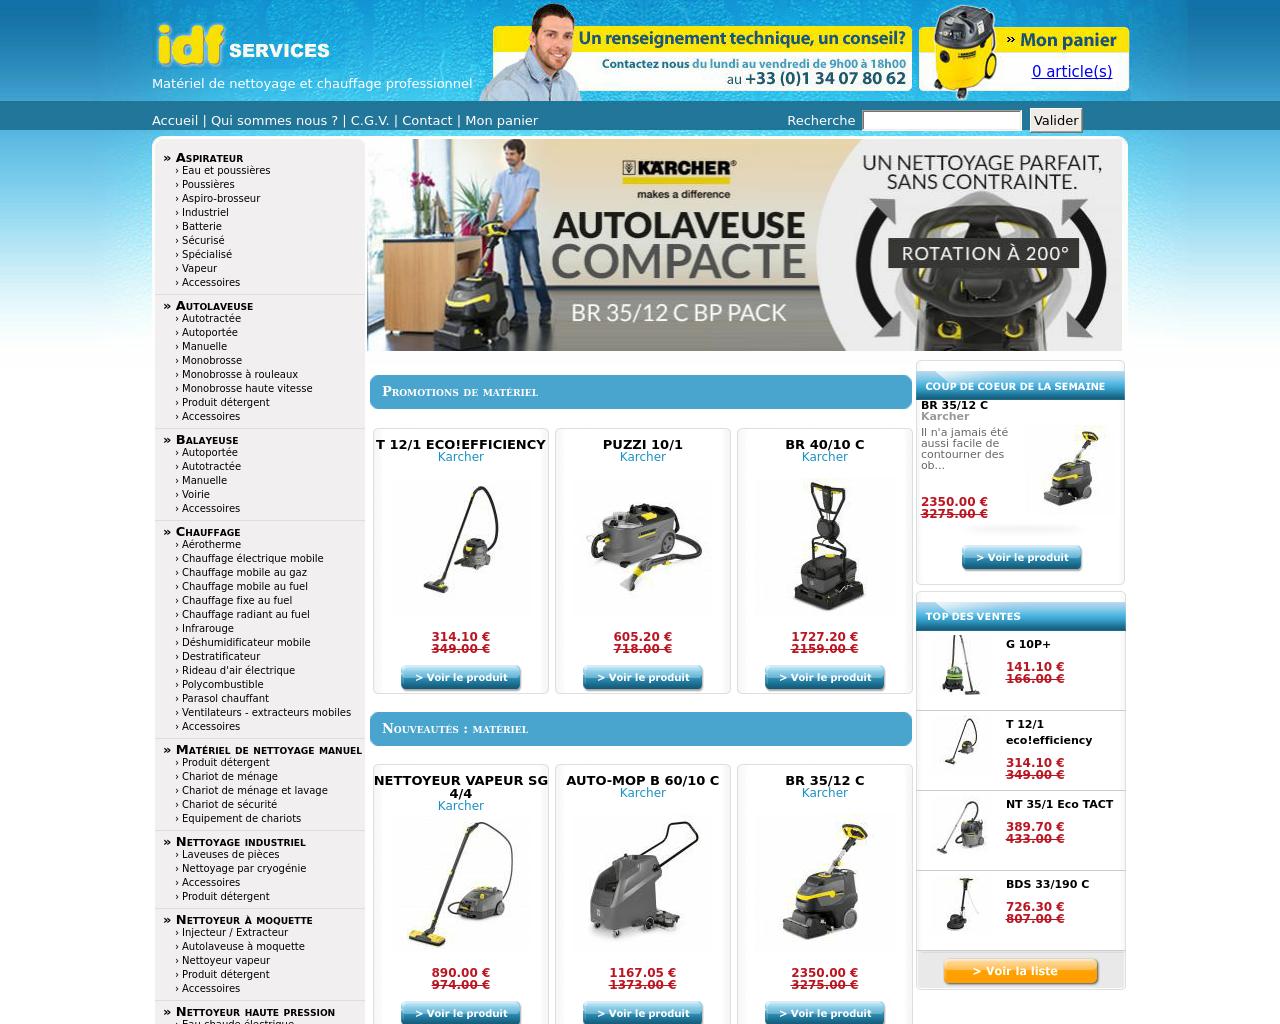 Du mat riel professionnel pour un nettoyage de qualit for Materiel professionnel pour garage automobile